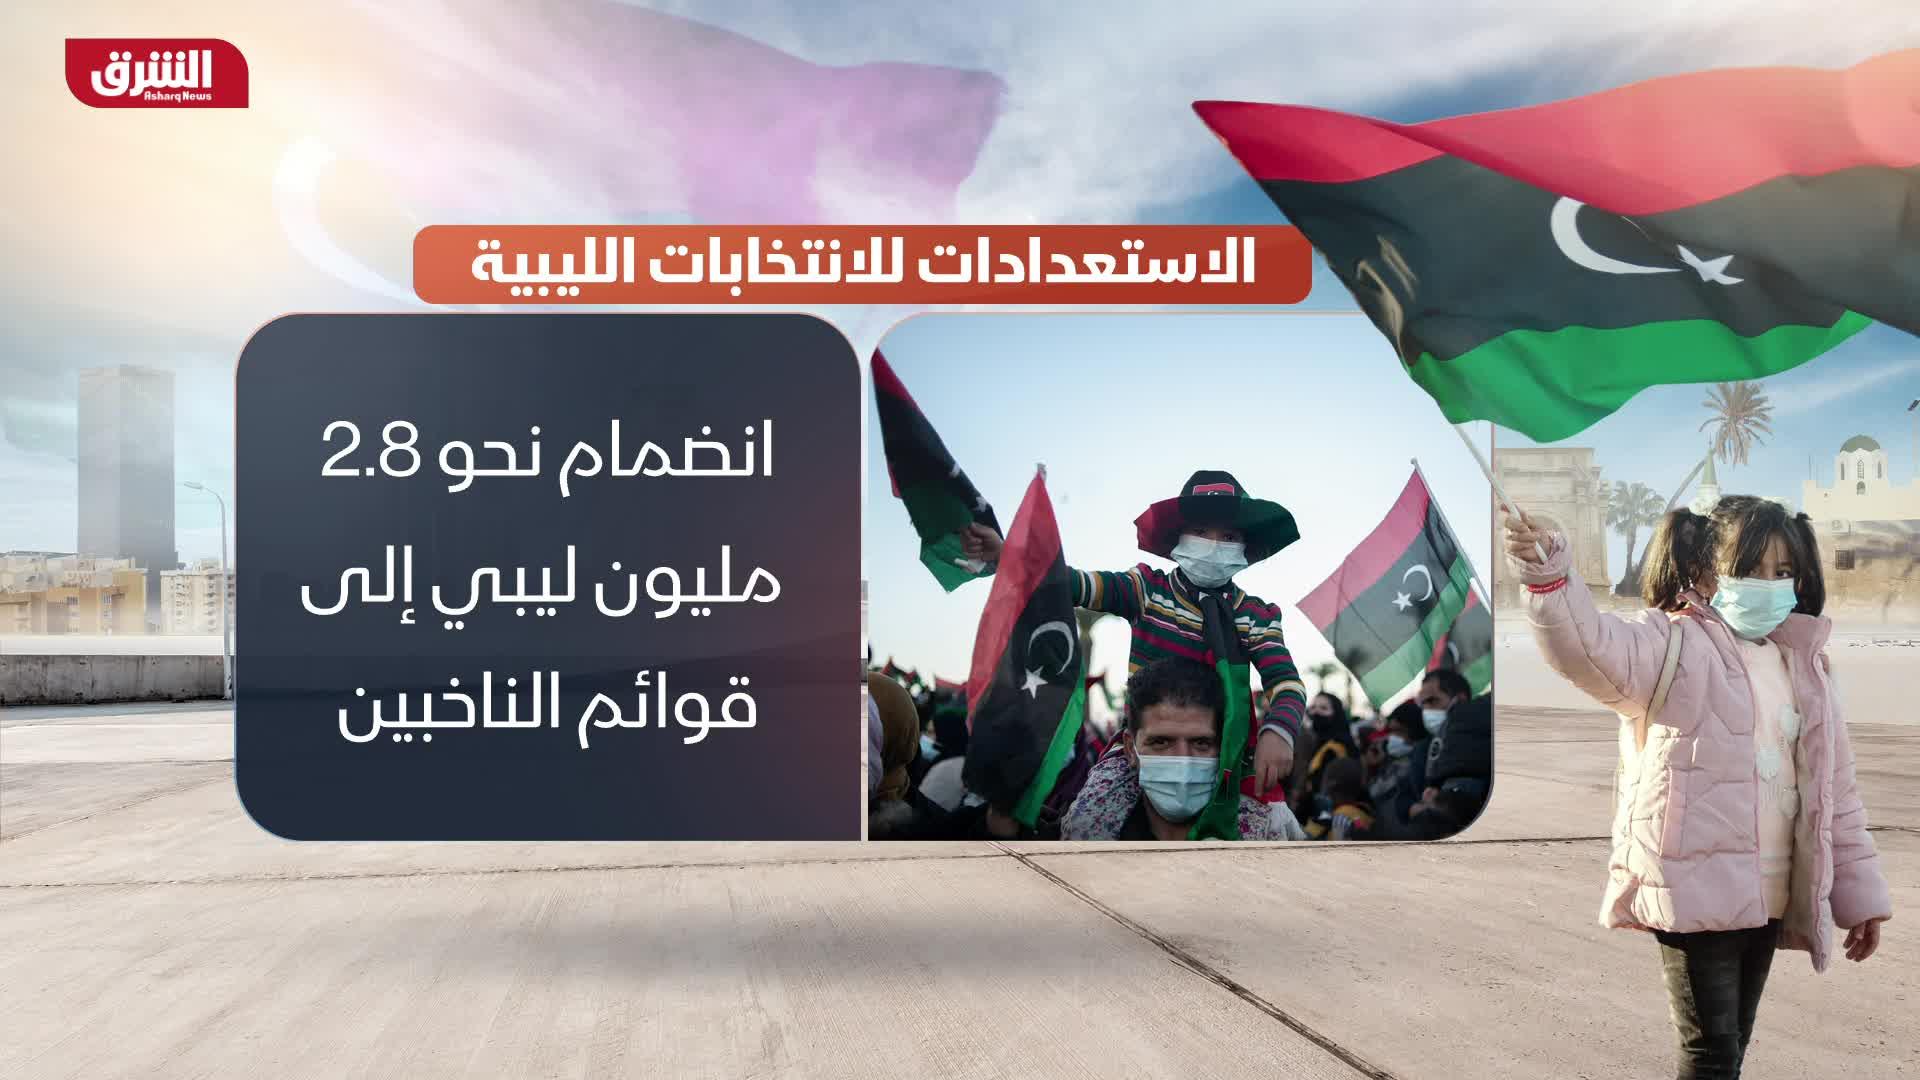 الاستعدادات للانتخابات الليبية